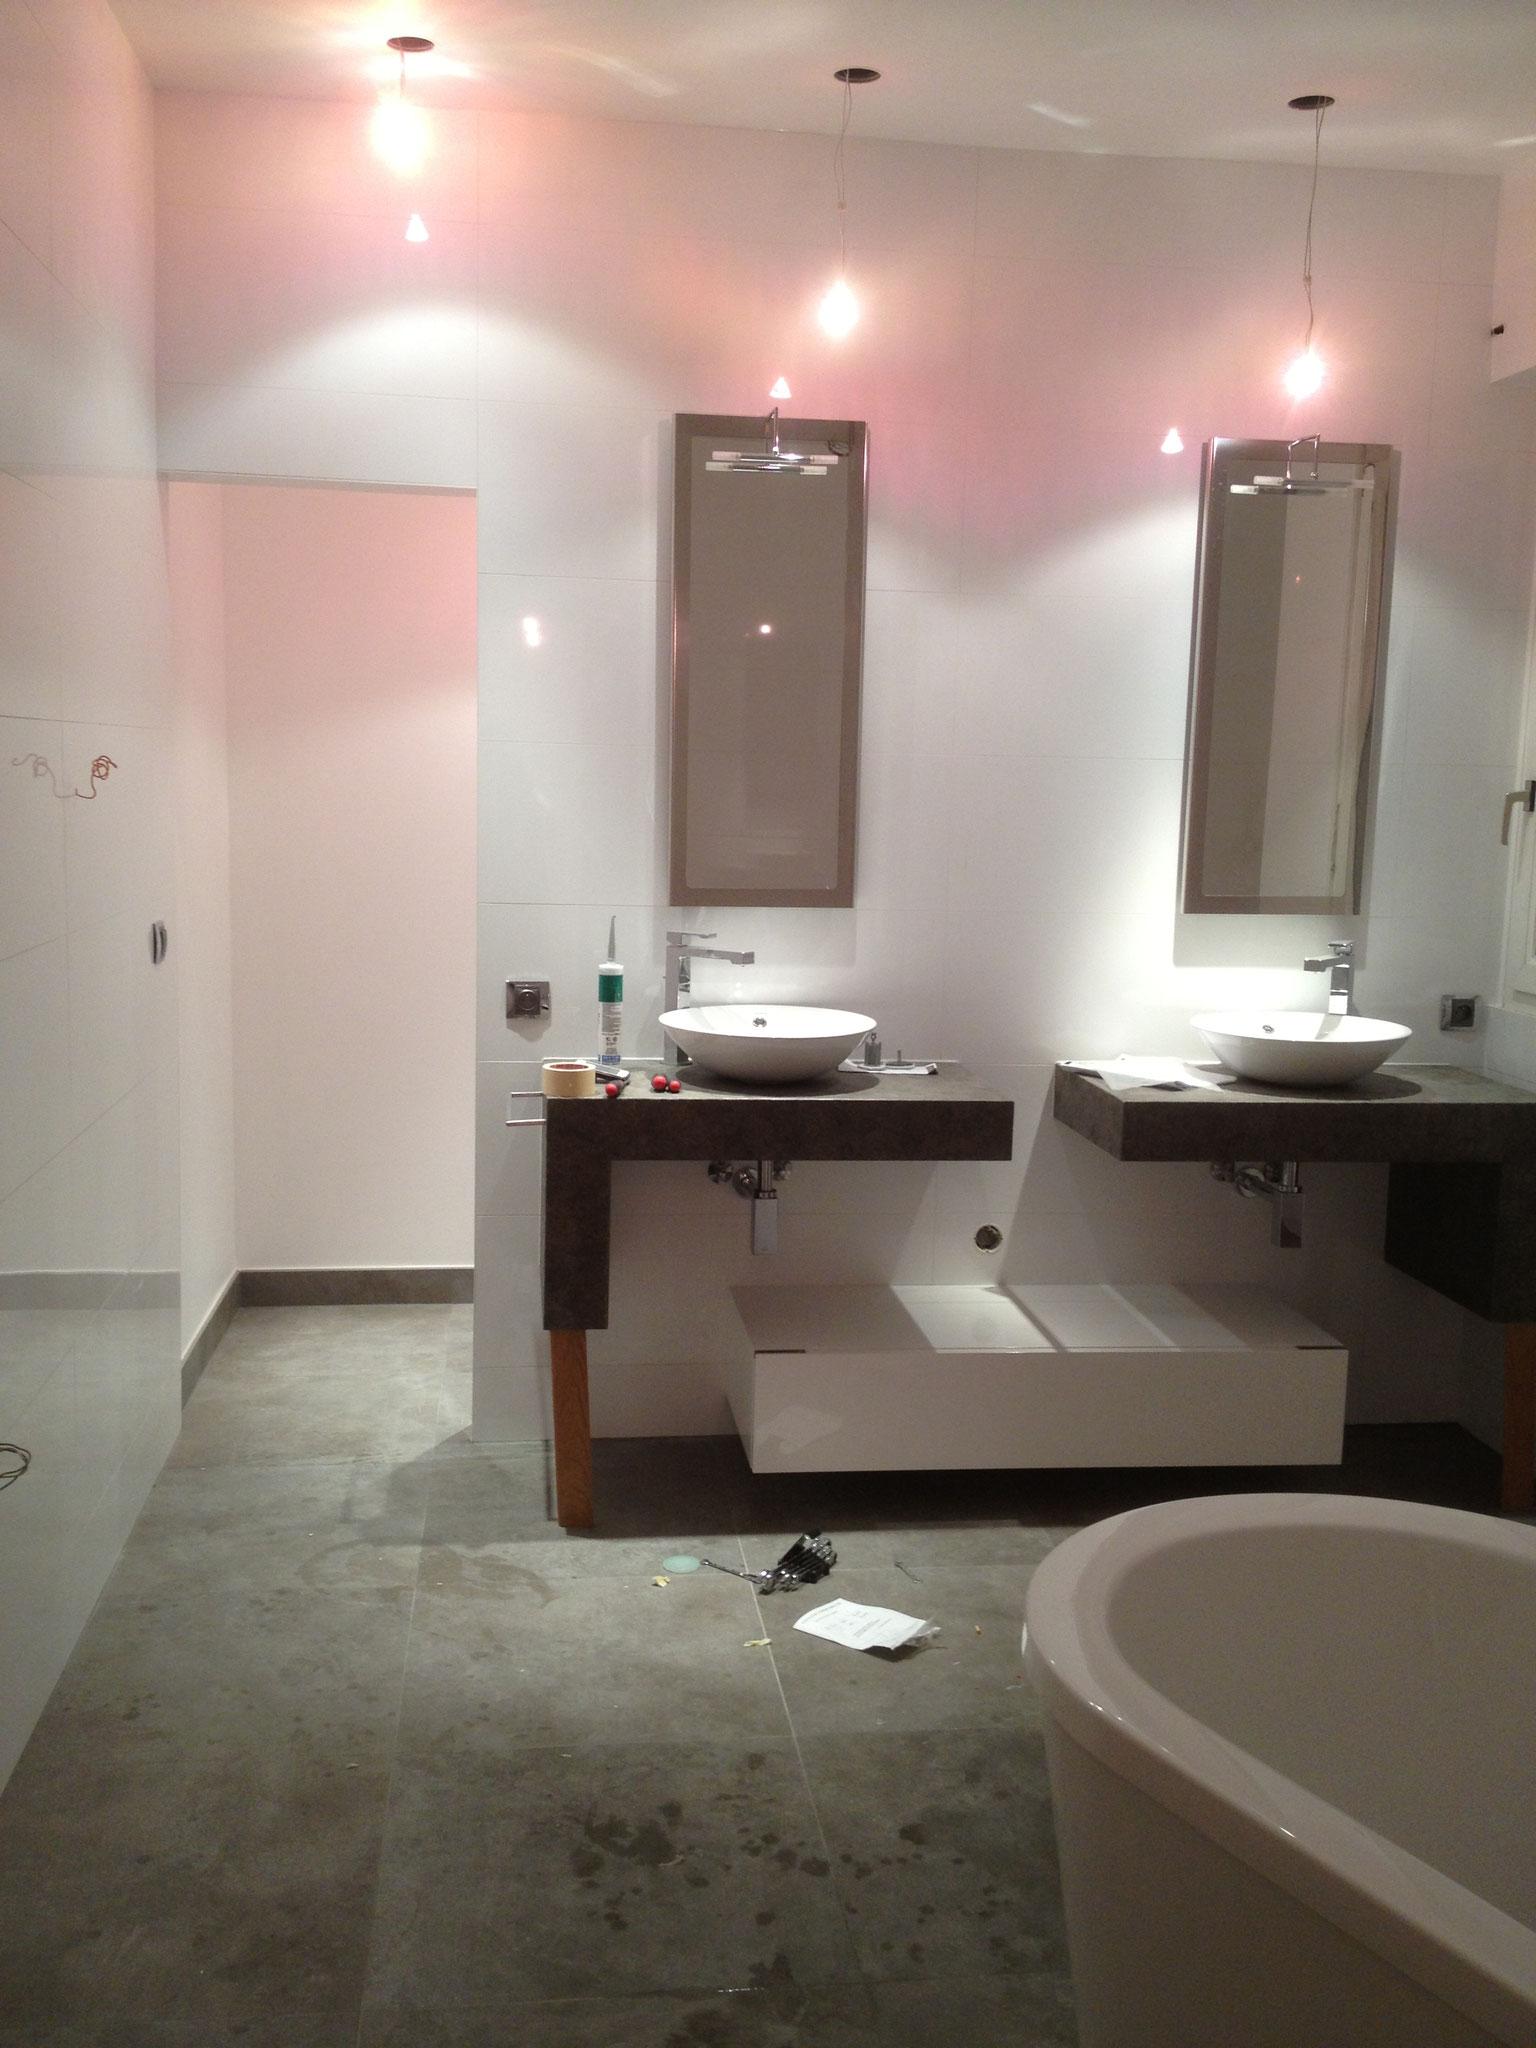 Fin de travaux de rénovation dans salle de bain Activ Renovation Strasbourg 67